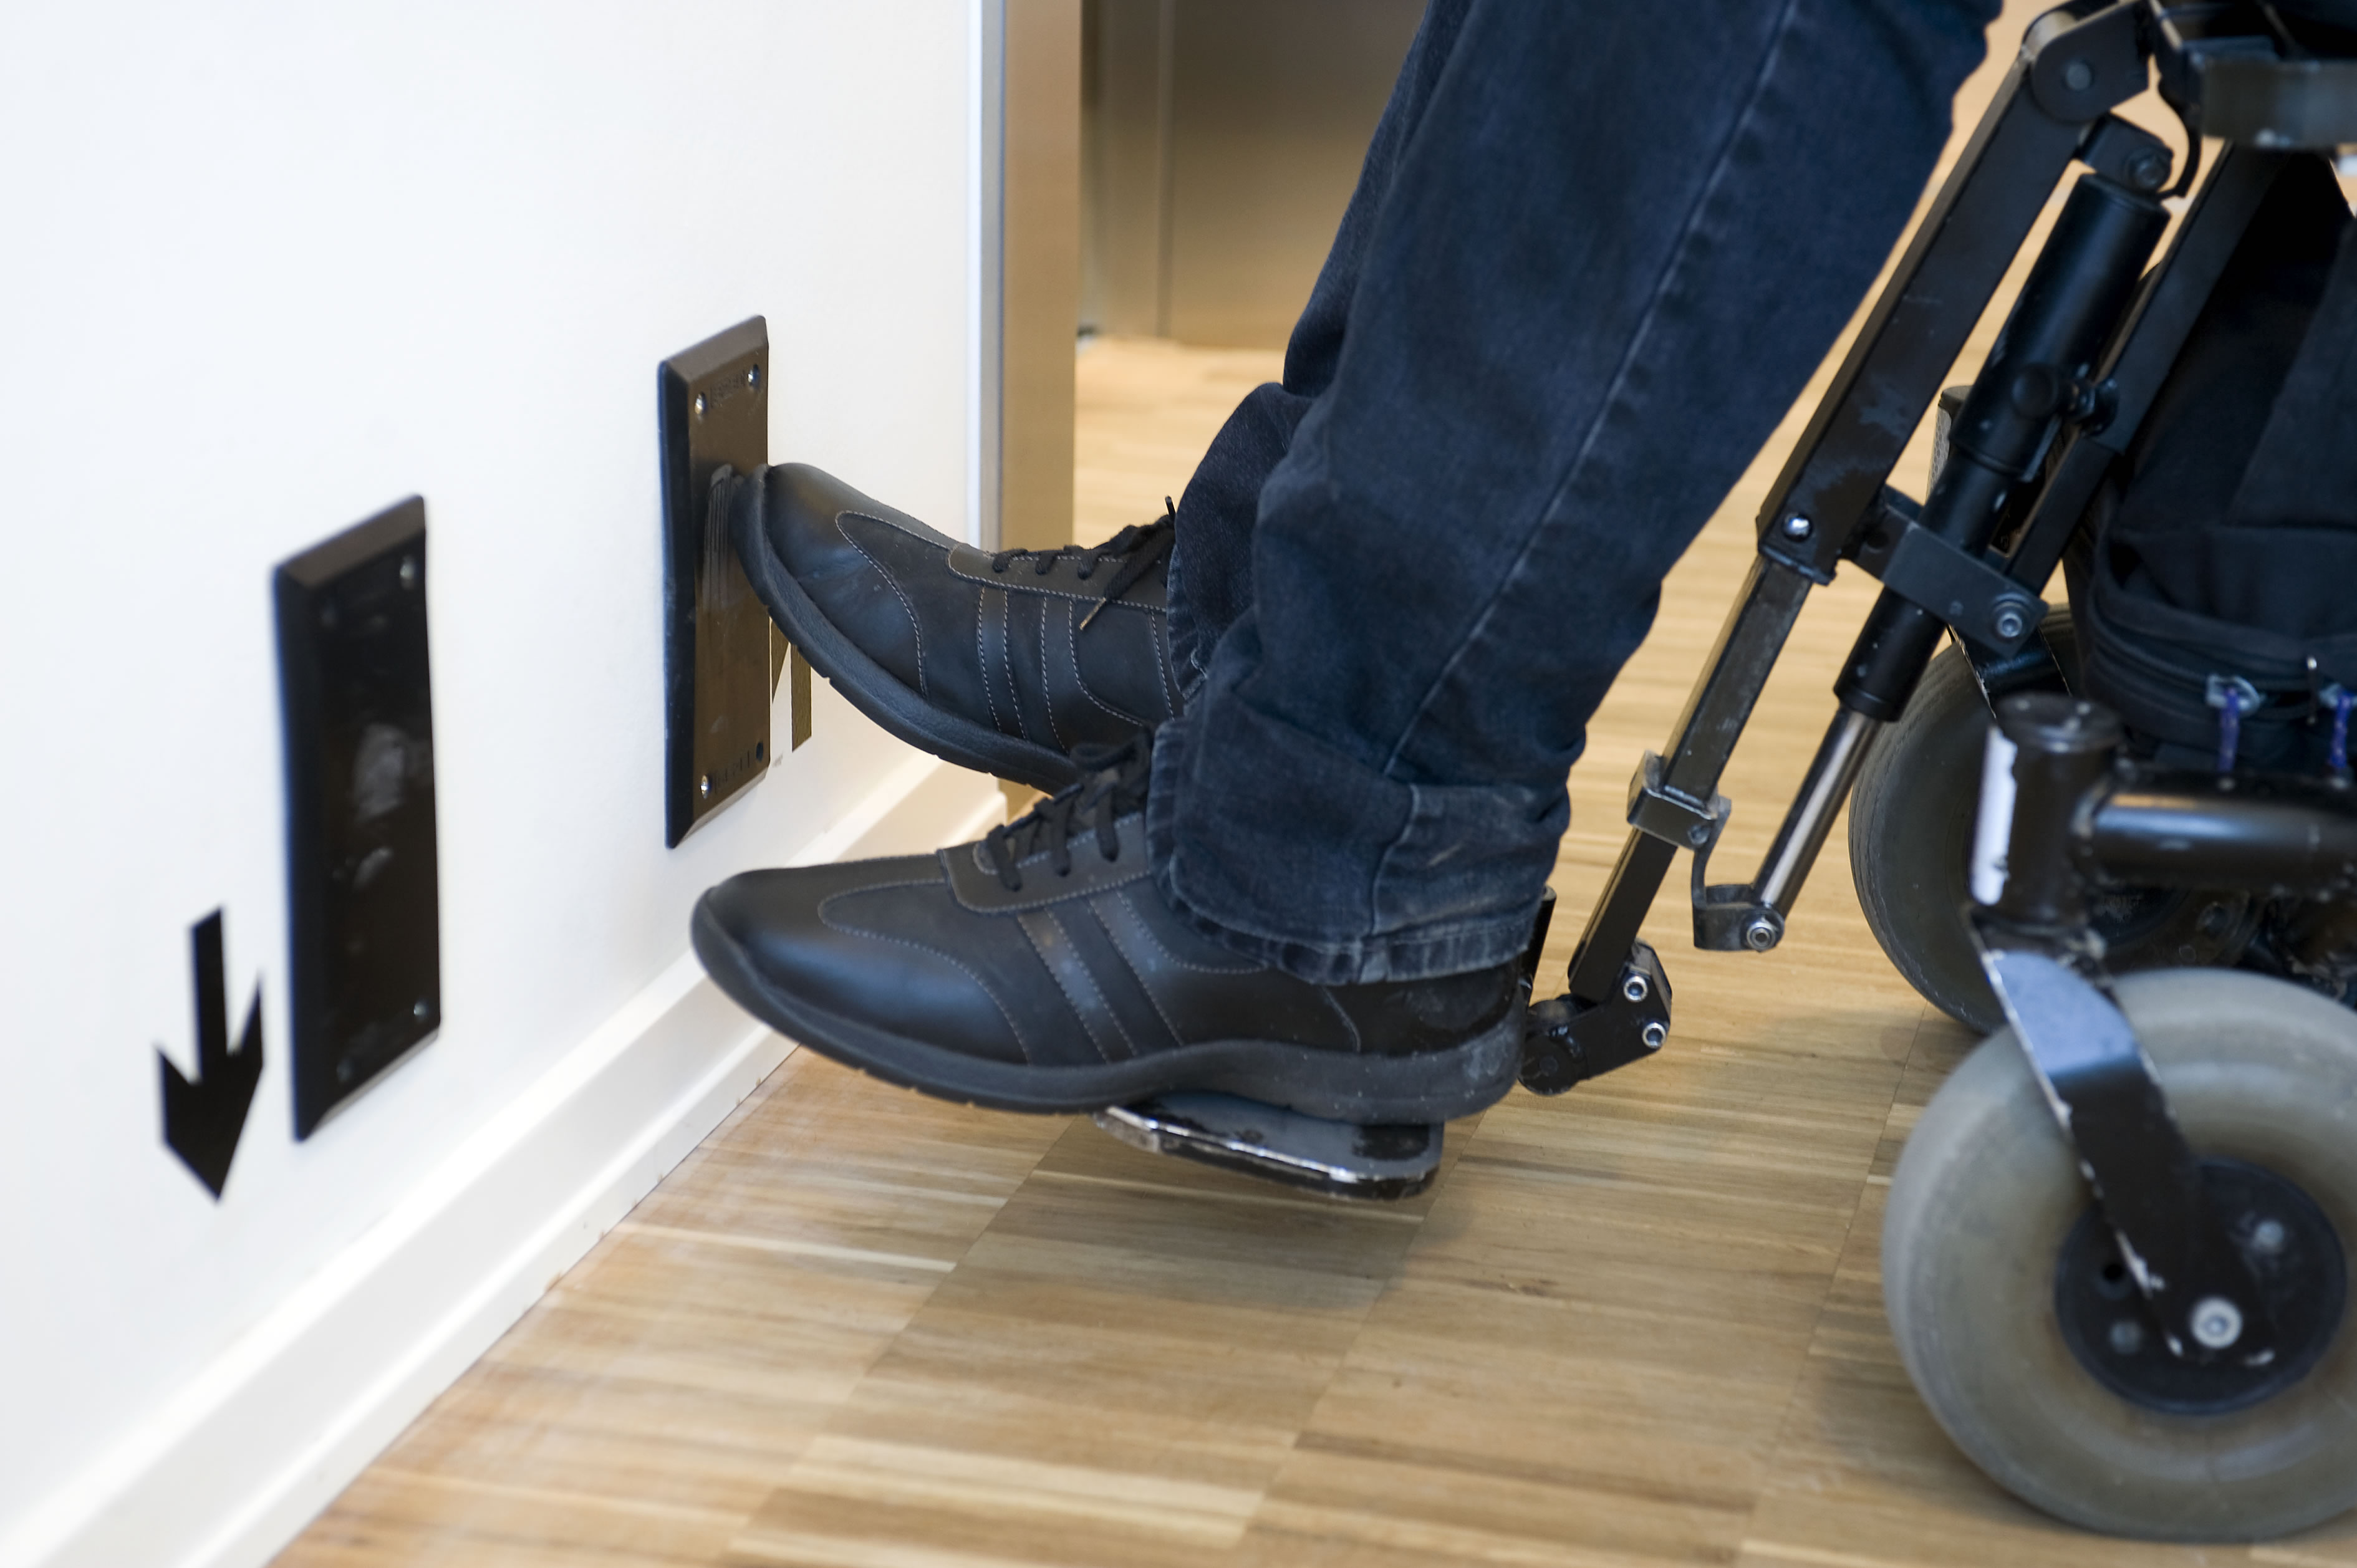 Elevatoren på billedet betjenes med fod, og er til dem, der ikke kan trykke på knapper med fingrene.